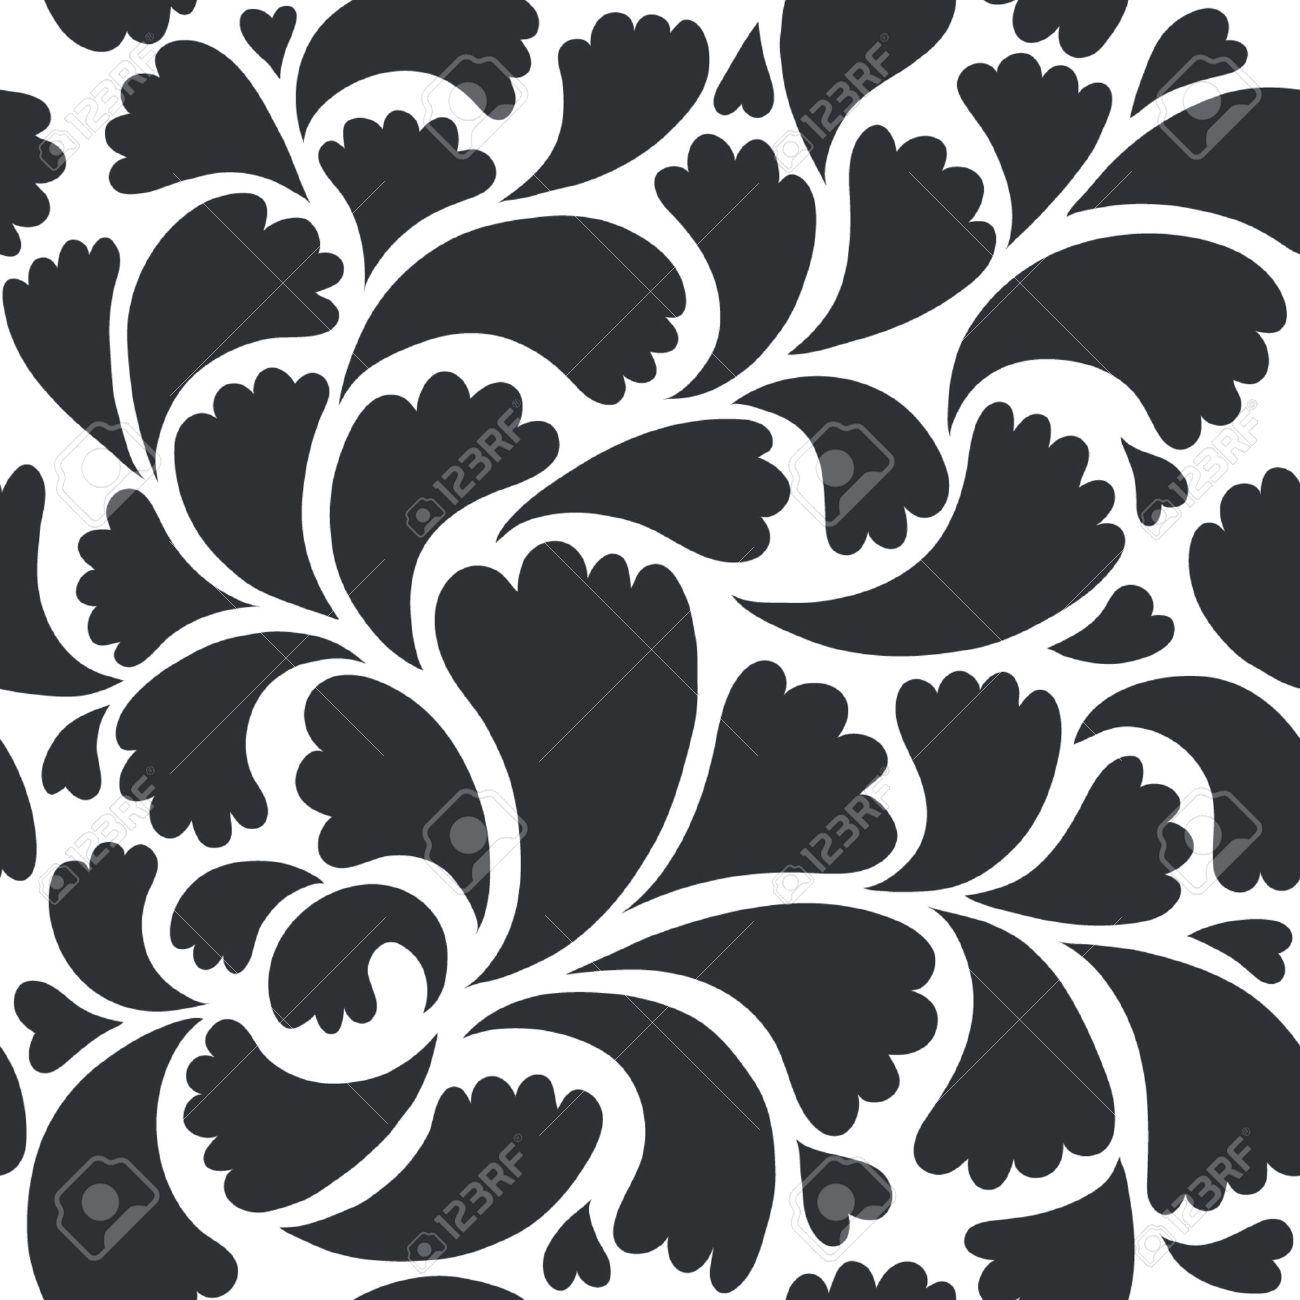 Plantillas de stencil de alabama chanin buscar con google plantillas de stencil de alabama chanin buscar con google amipublicfo Gallery